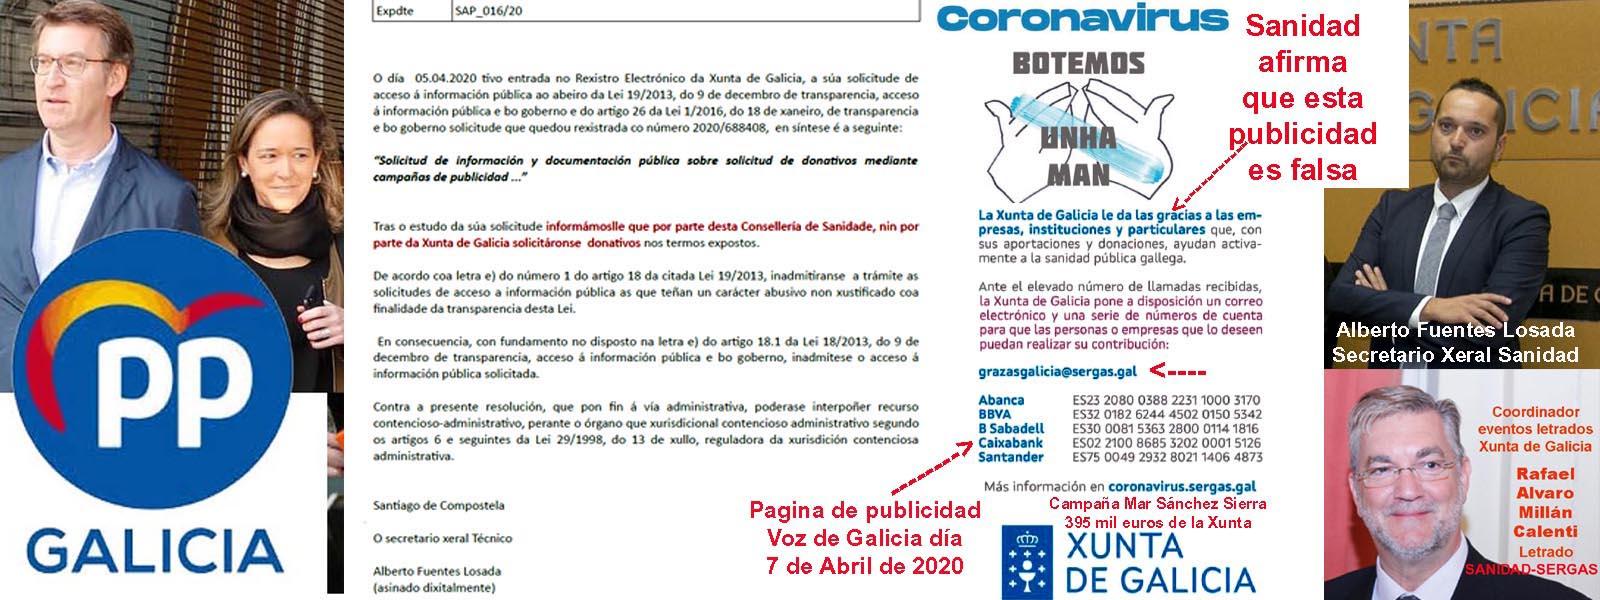 Andrés García Boutureira (Acerga) anuncia regalo a la Xunta de 4.500 euros de las ayudas que le dió la Xunta....Sale por un lado y vuelve por el otro a la Xunta y los pescadores a